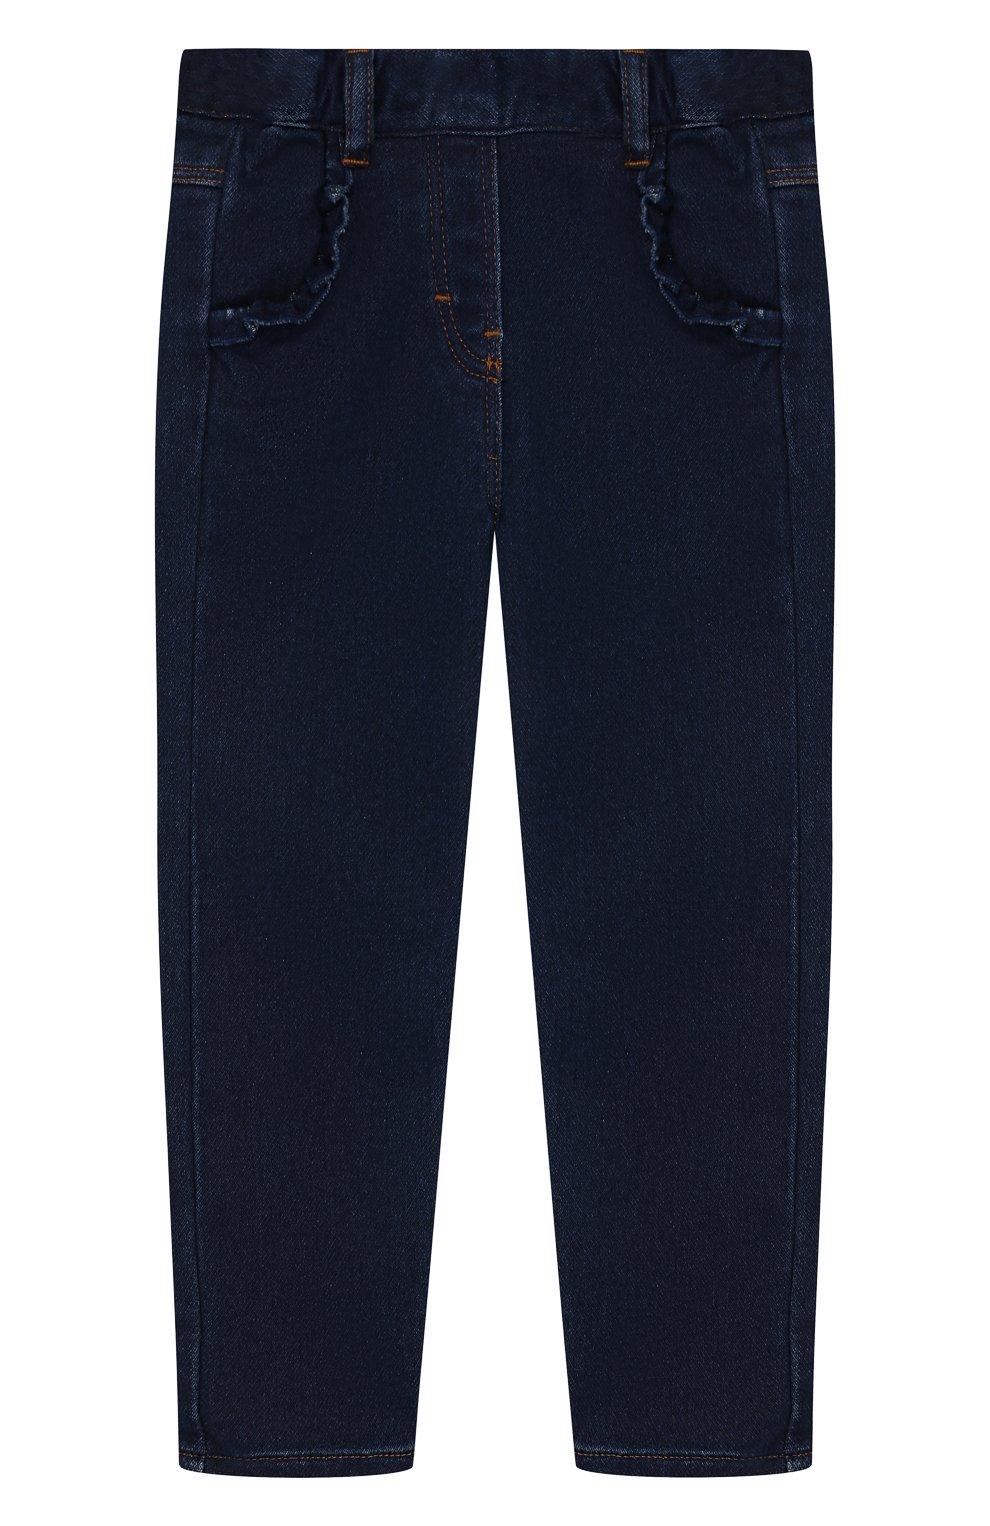 Детские джинсы TARTINE ET CHOCOLAT темно-синего цвета, арт. TP22041/18M-3A | Фото 1 (Материал внешний: Хлопок; Ростовка одежда: 18 мес | 86 см, 24 мес | 92 см, 36 мес | 98 см)